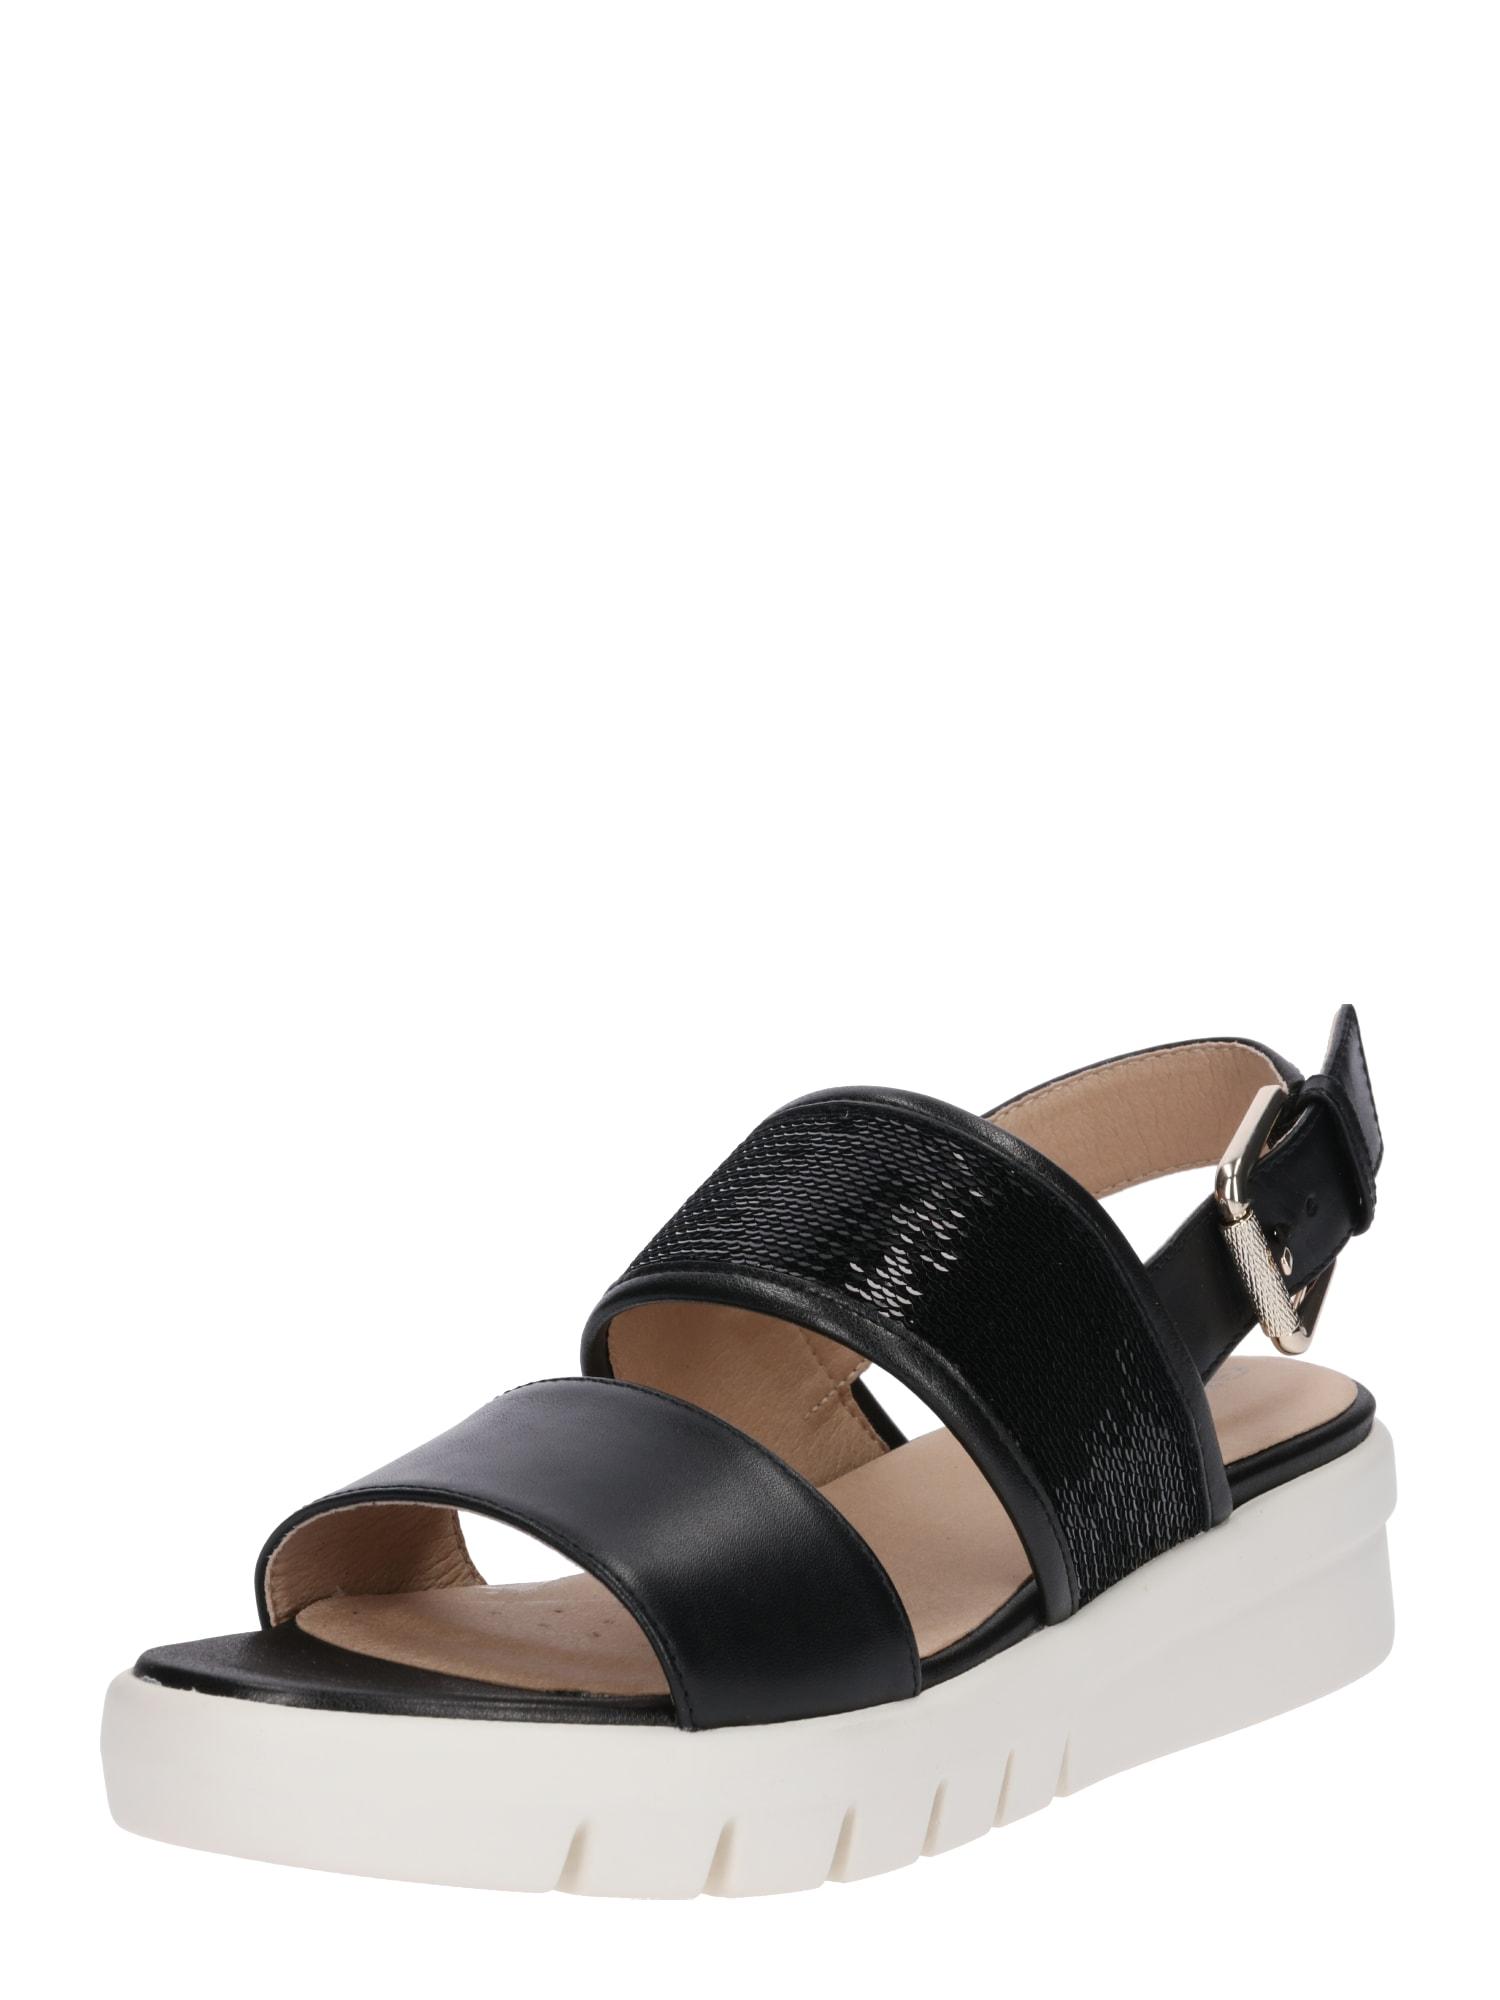 Sandály WIMBLEY černá GEOX